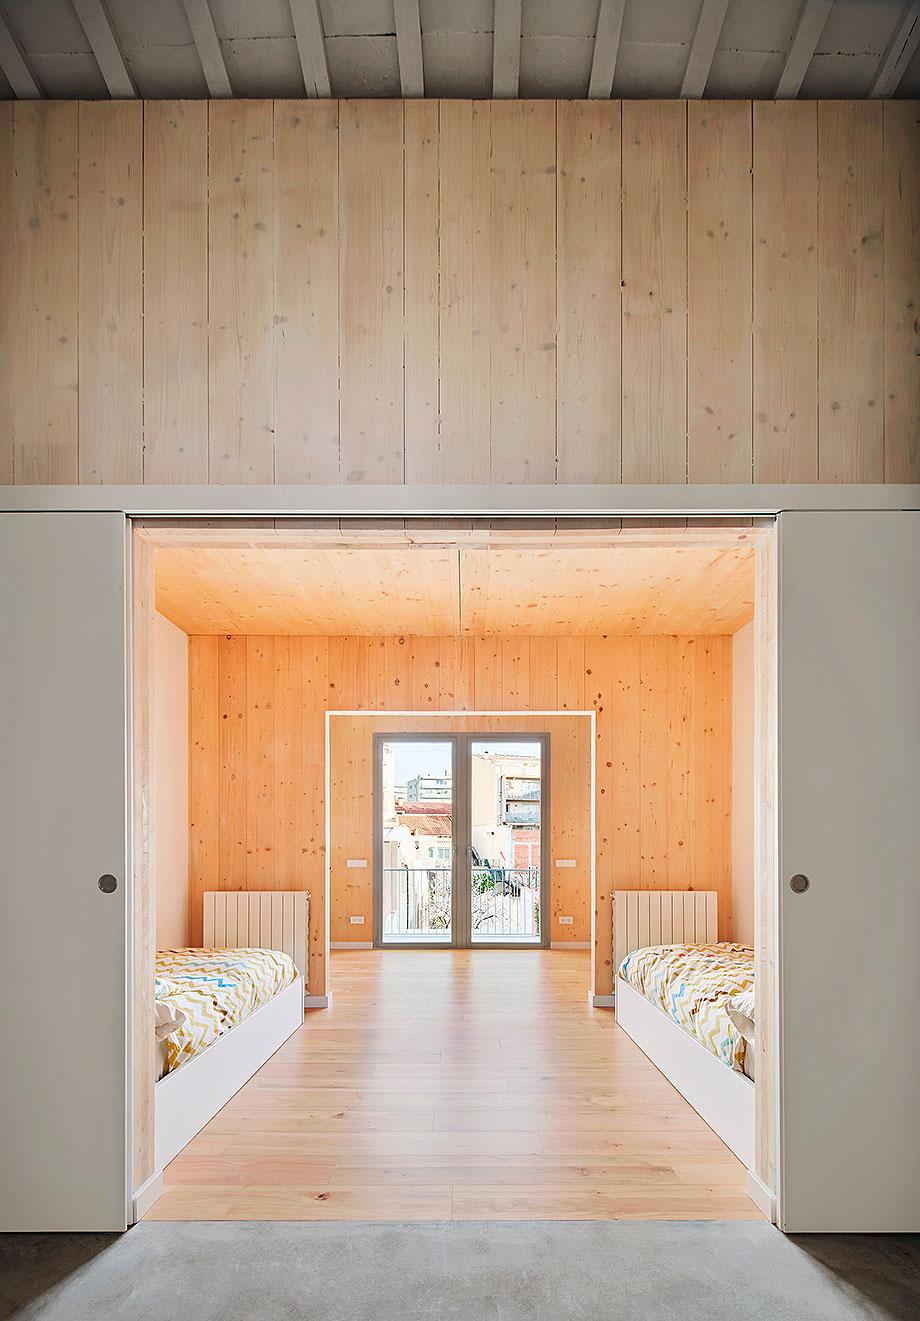 reforma y ampliación en terrassa de vallribera arquitectes (10) - foto jose hevia